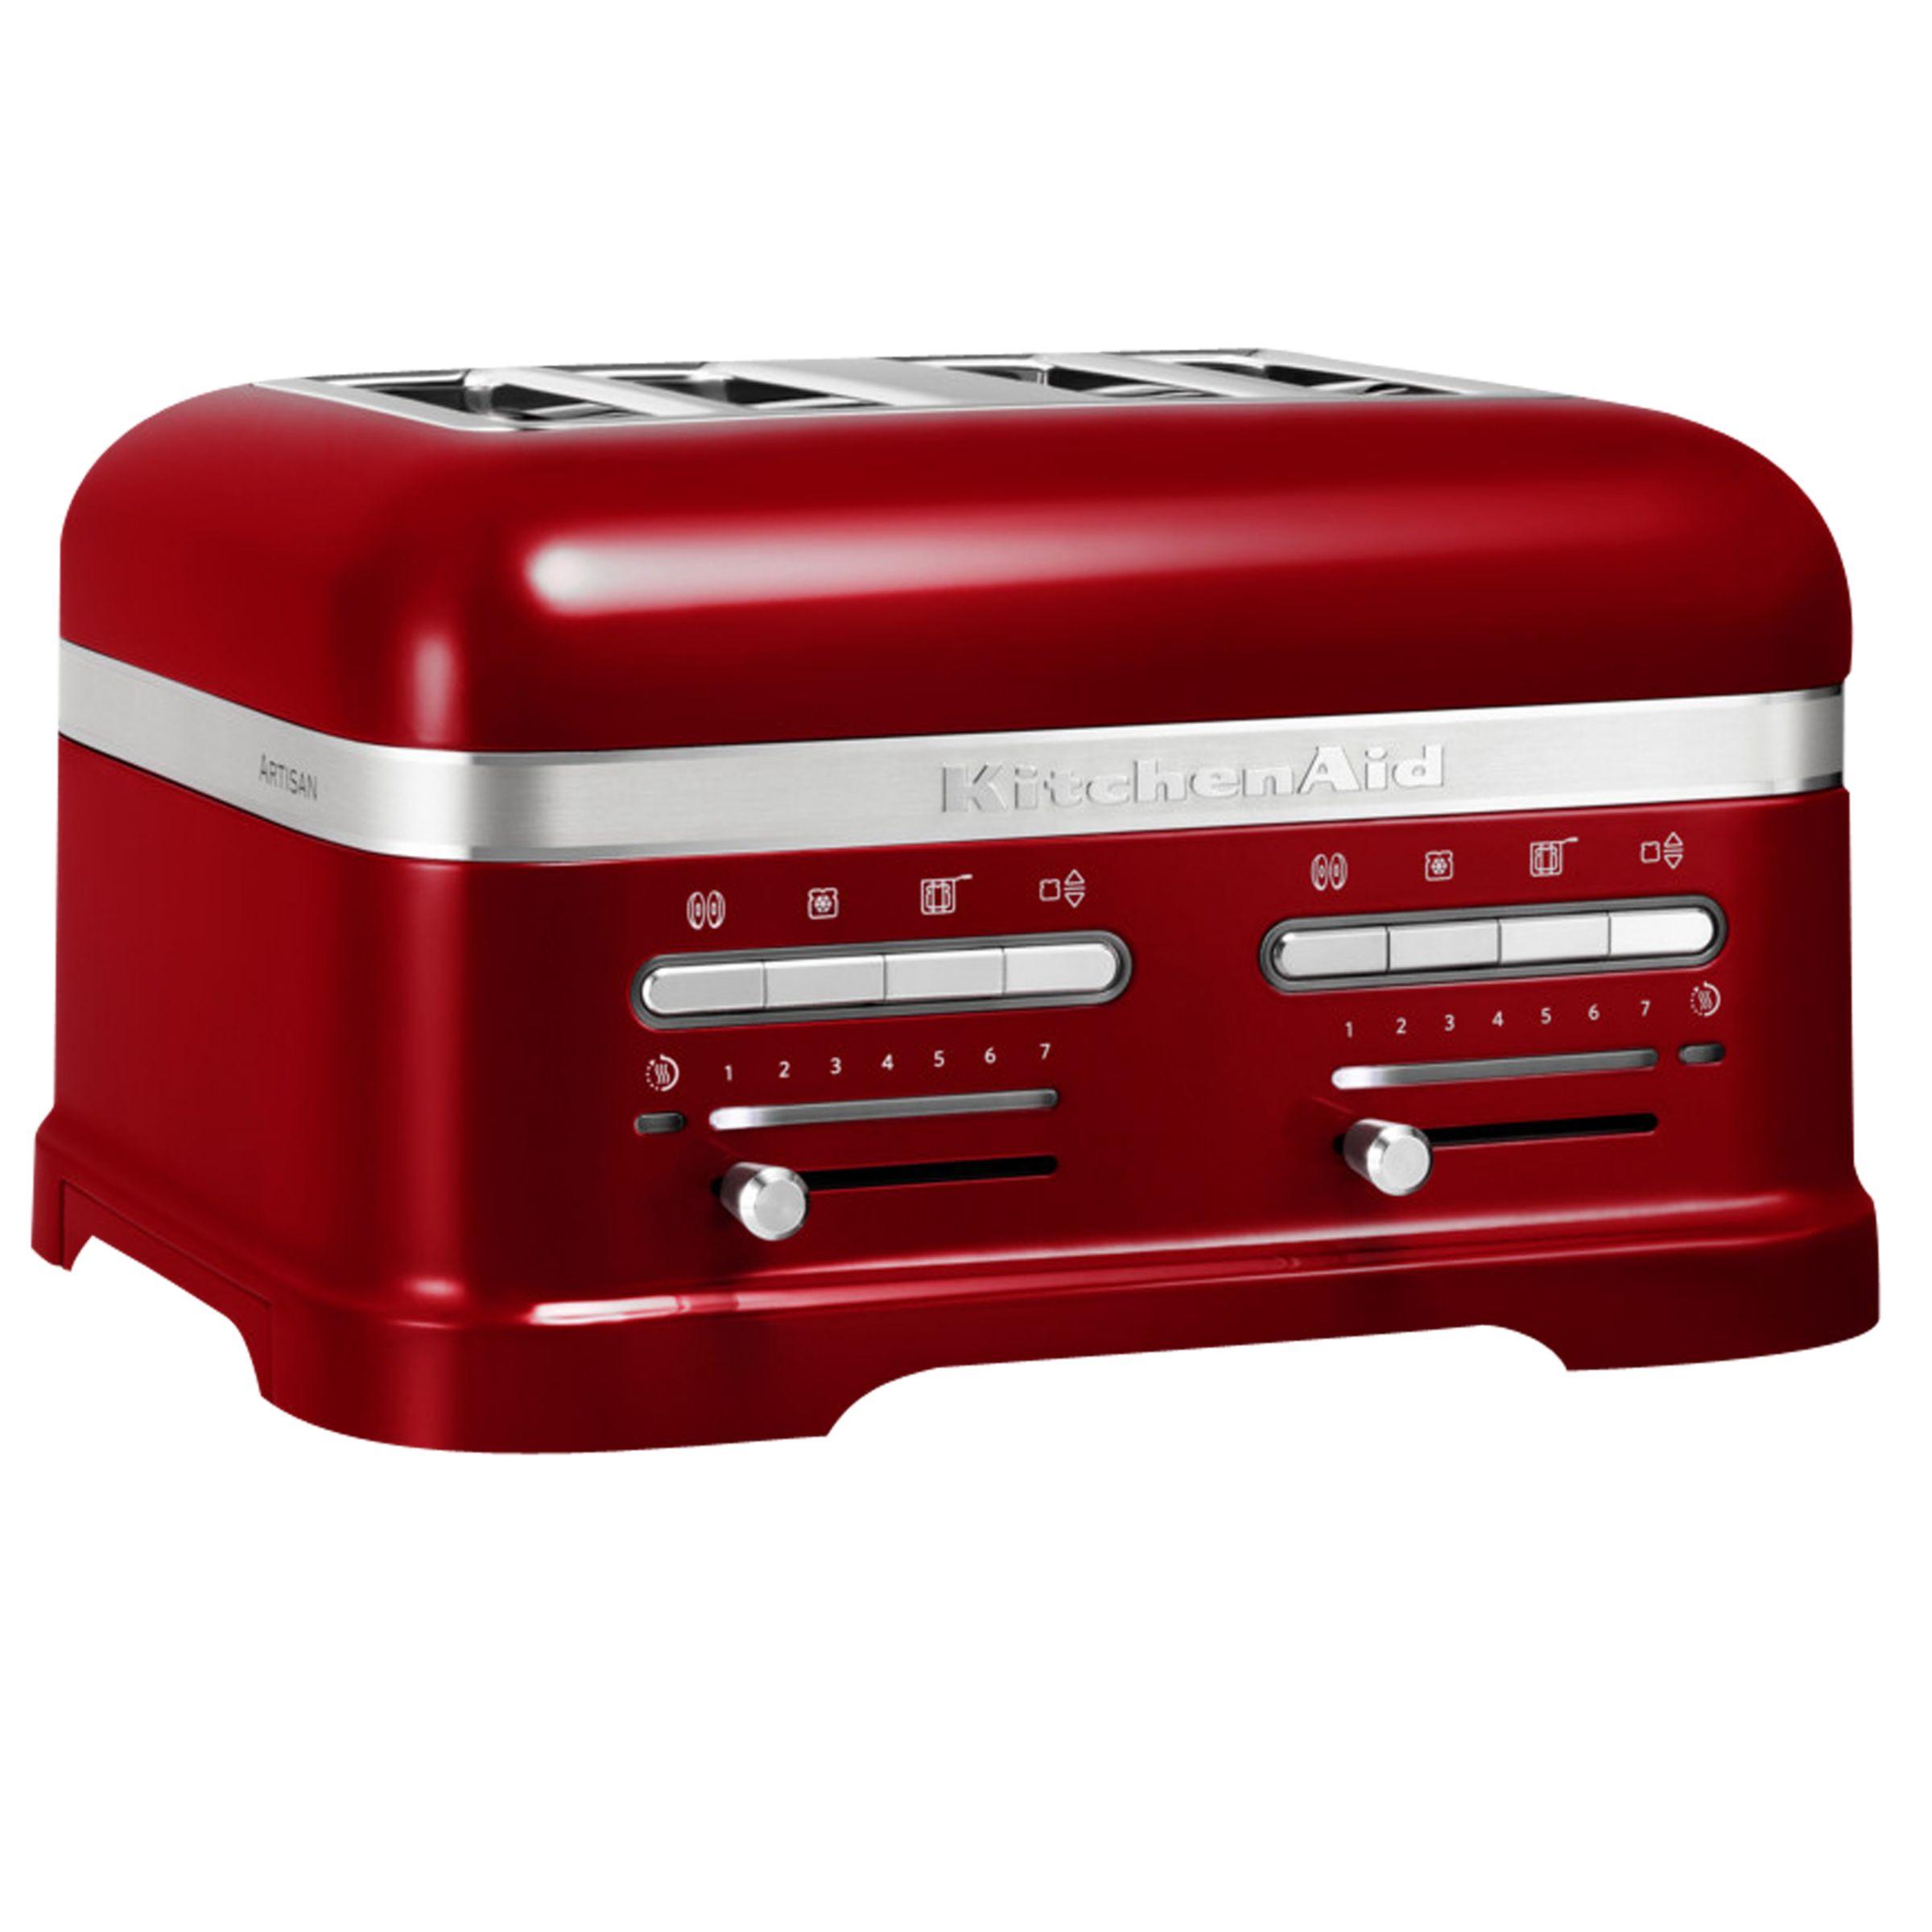 KitchenAid KitchenAid Artisan 4-Slice Toaster